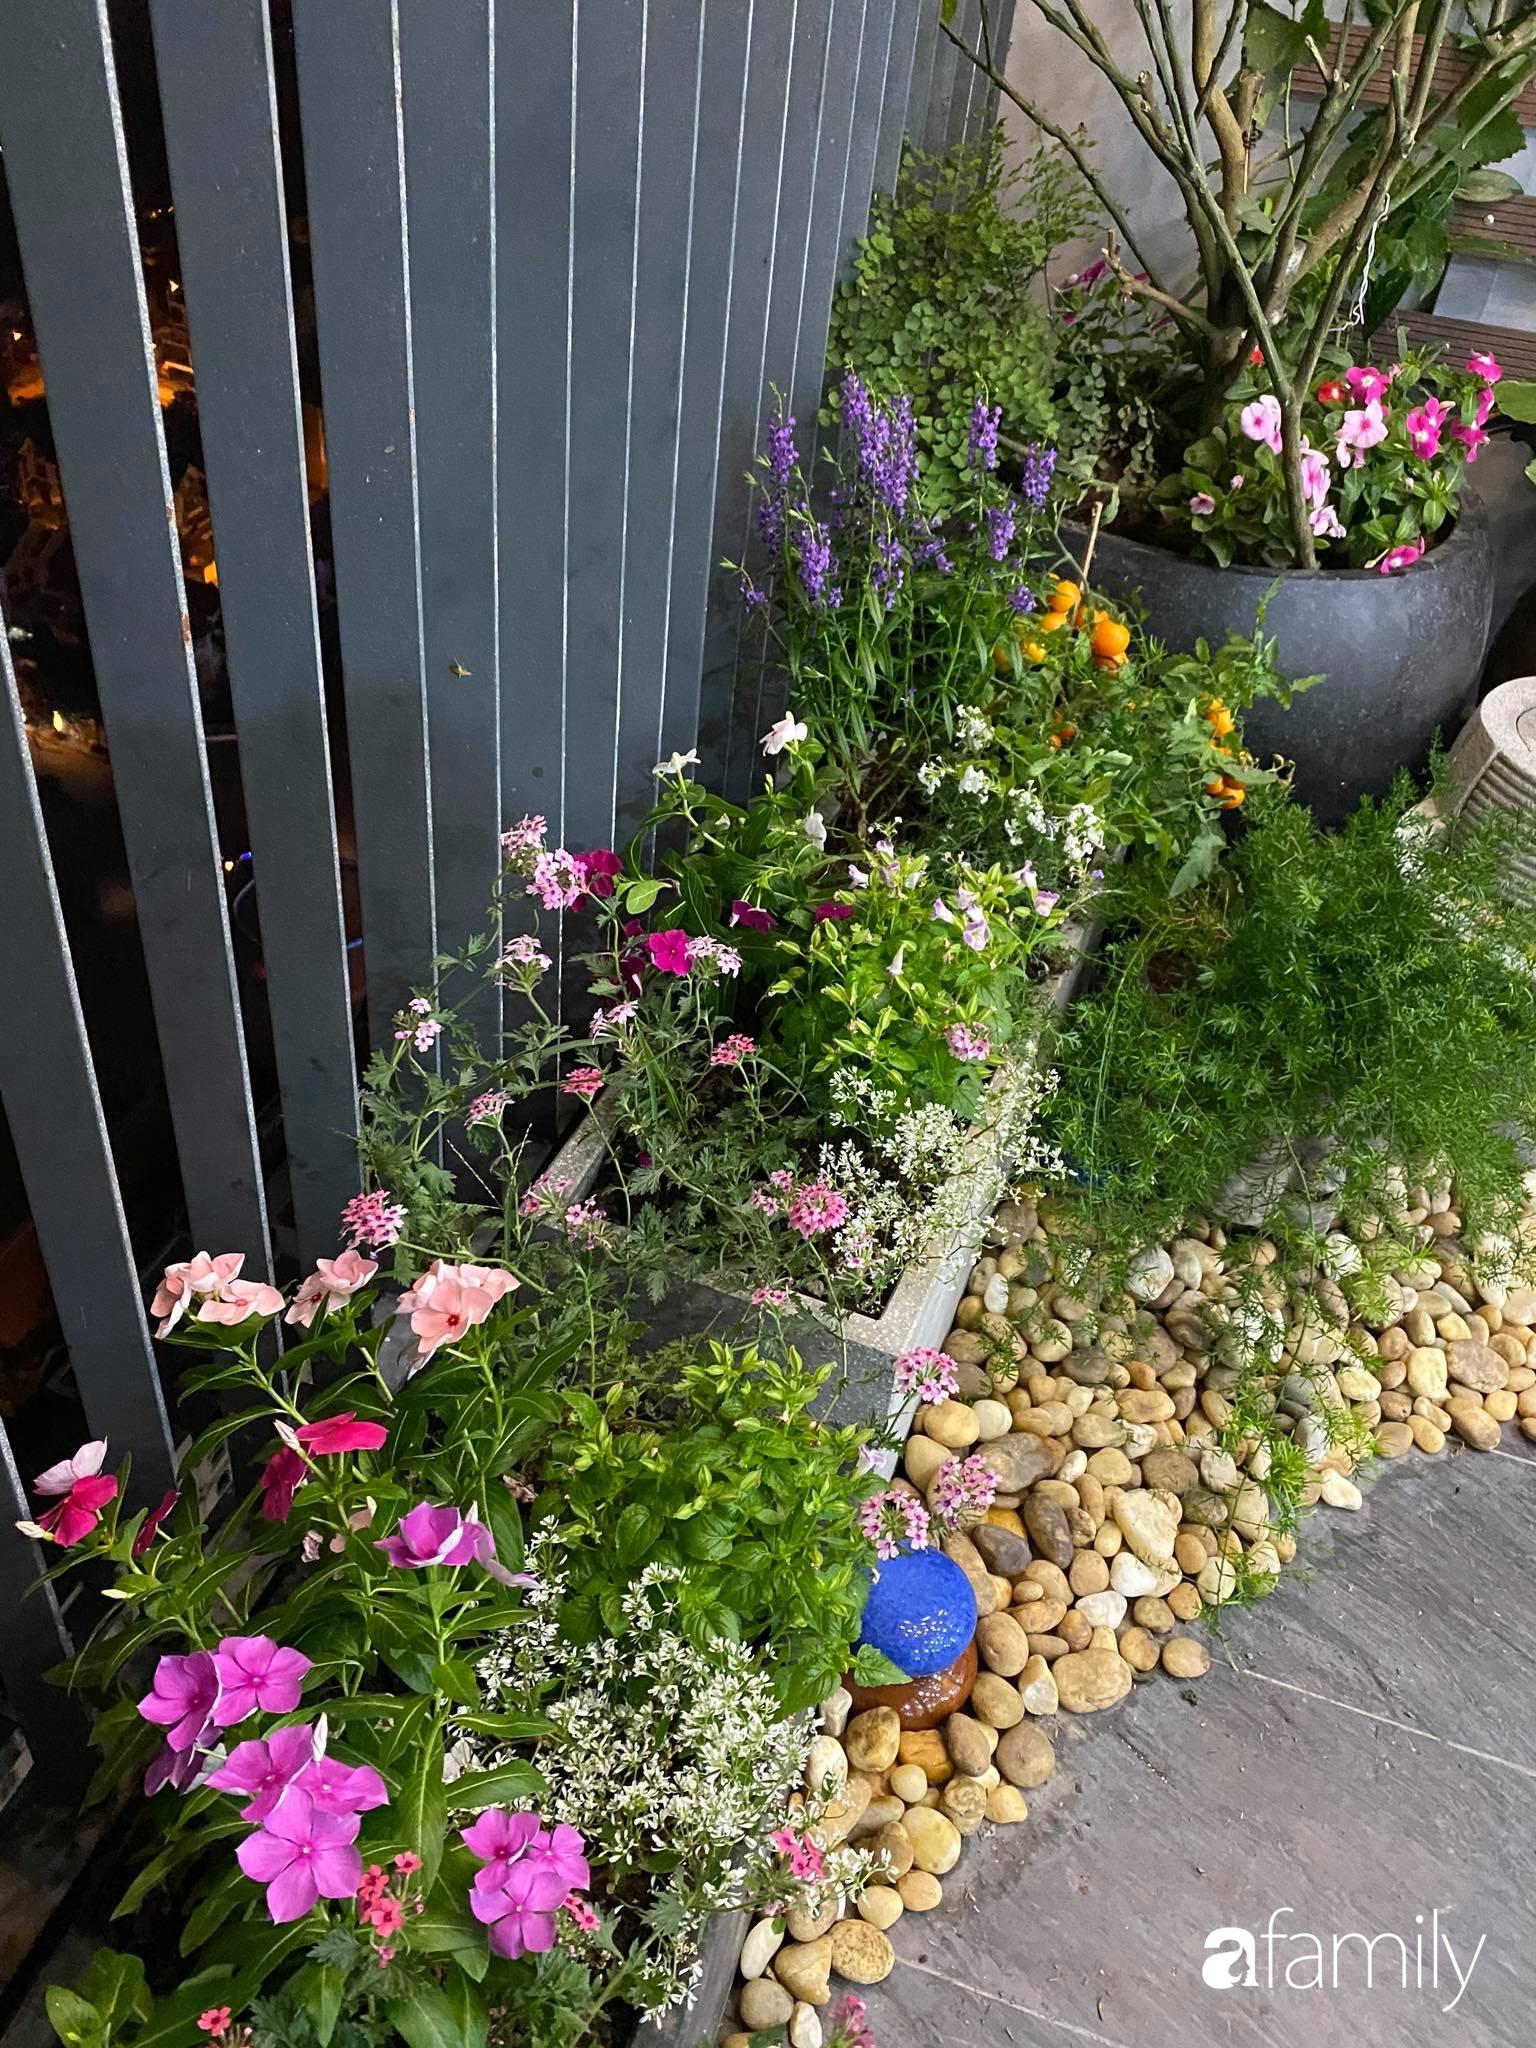 Ban công căn hộ thông tầng đẹp lãng mạn với cây và hoa ở Hà Nội - Ảnh 6.